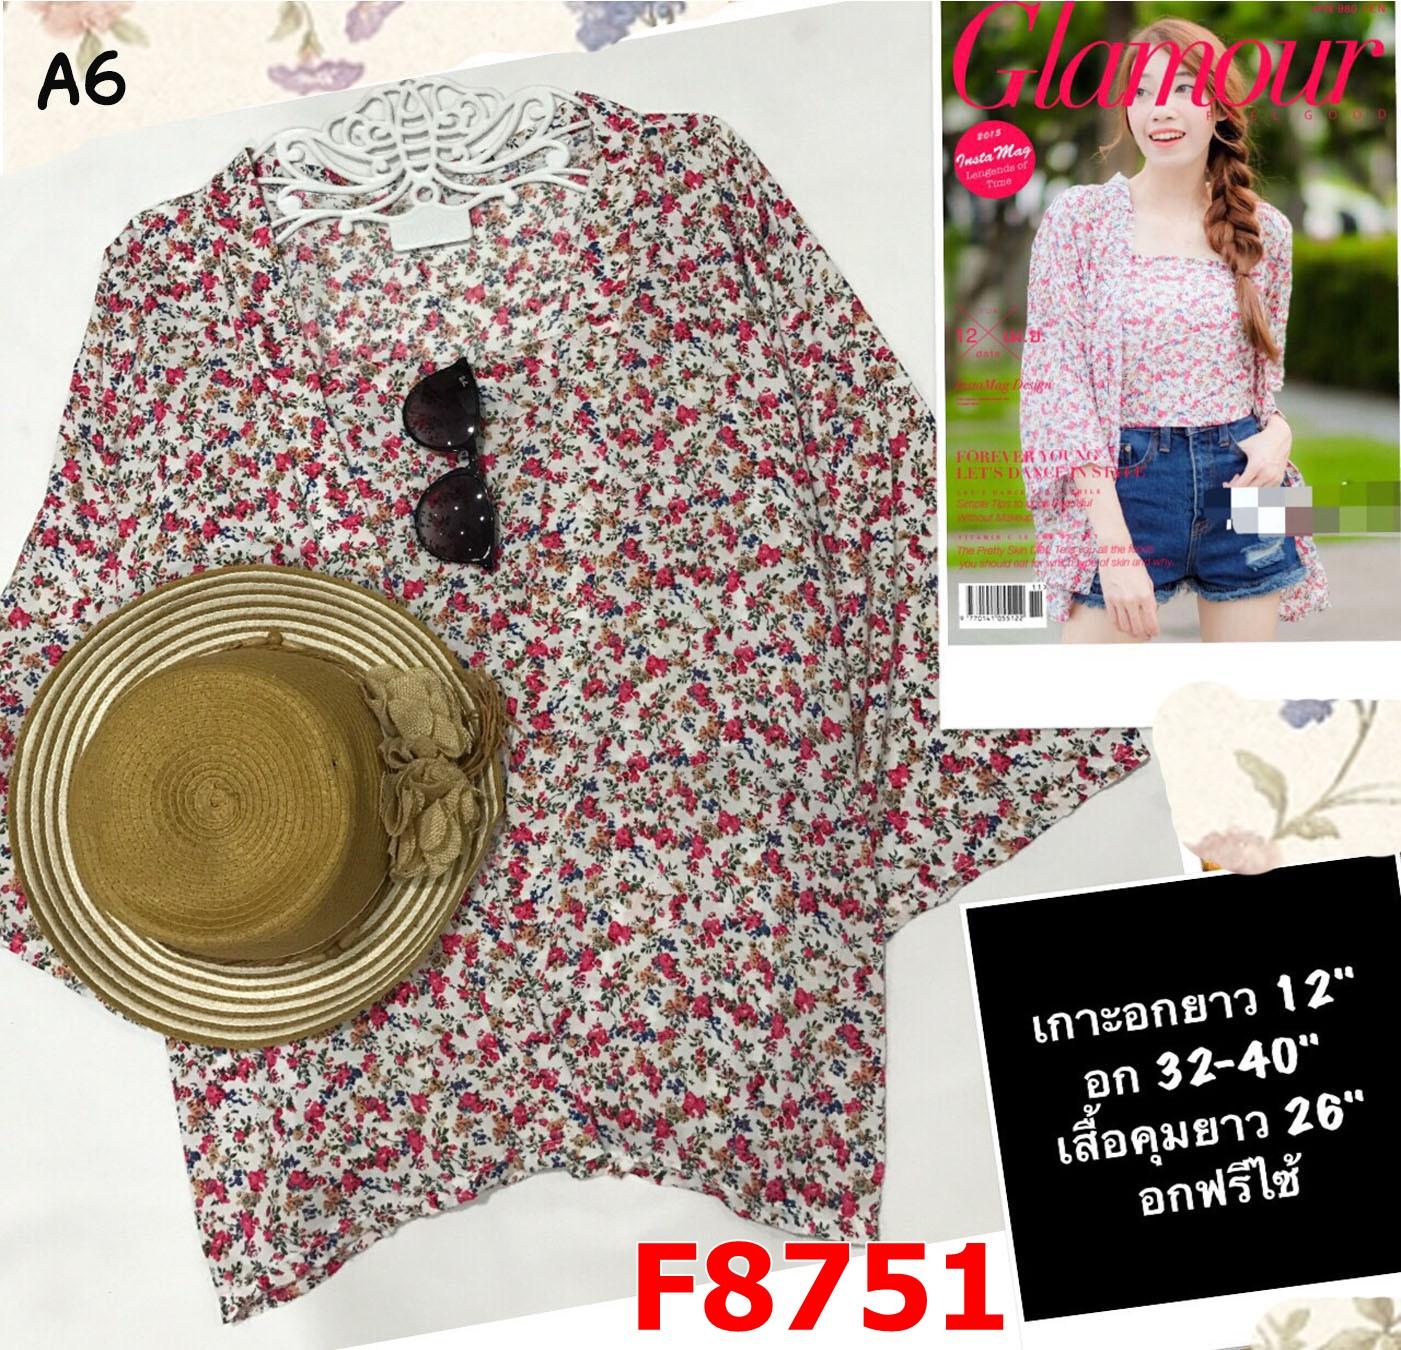 F8751เสื้อเกาะอก + เสื้อคุม ลายดอกไม้พื้นขาวดอกไม้สีชมพู ผ้าชีฟอง